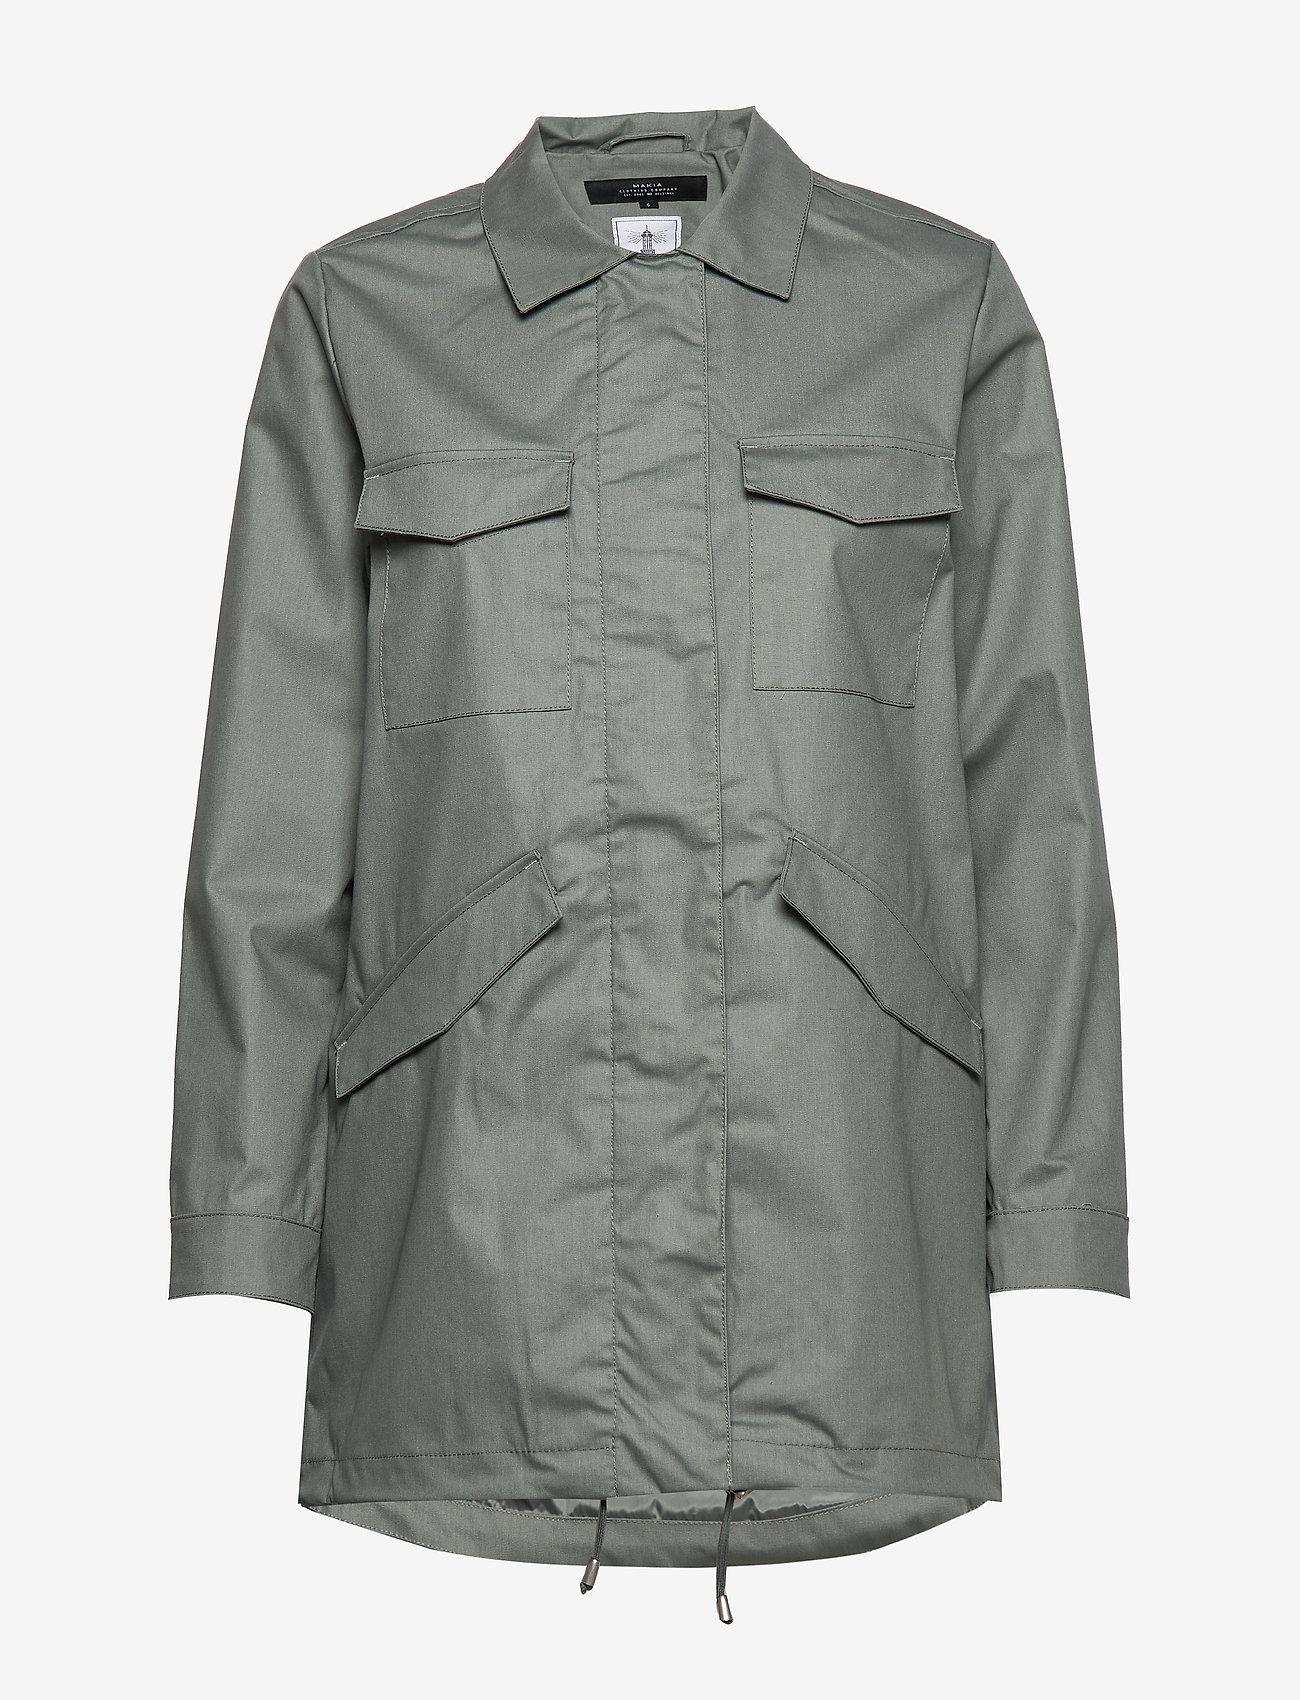 Makia - UTILITY JACKET - regnkläder - olive - 1